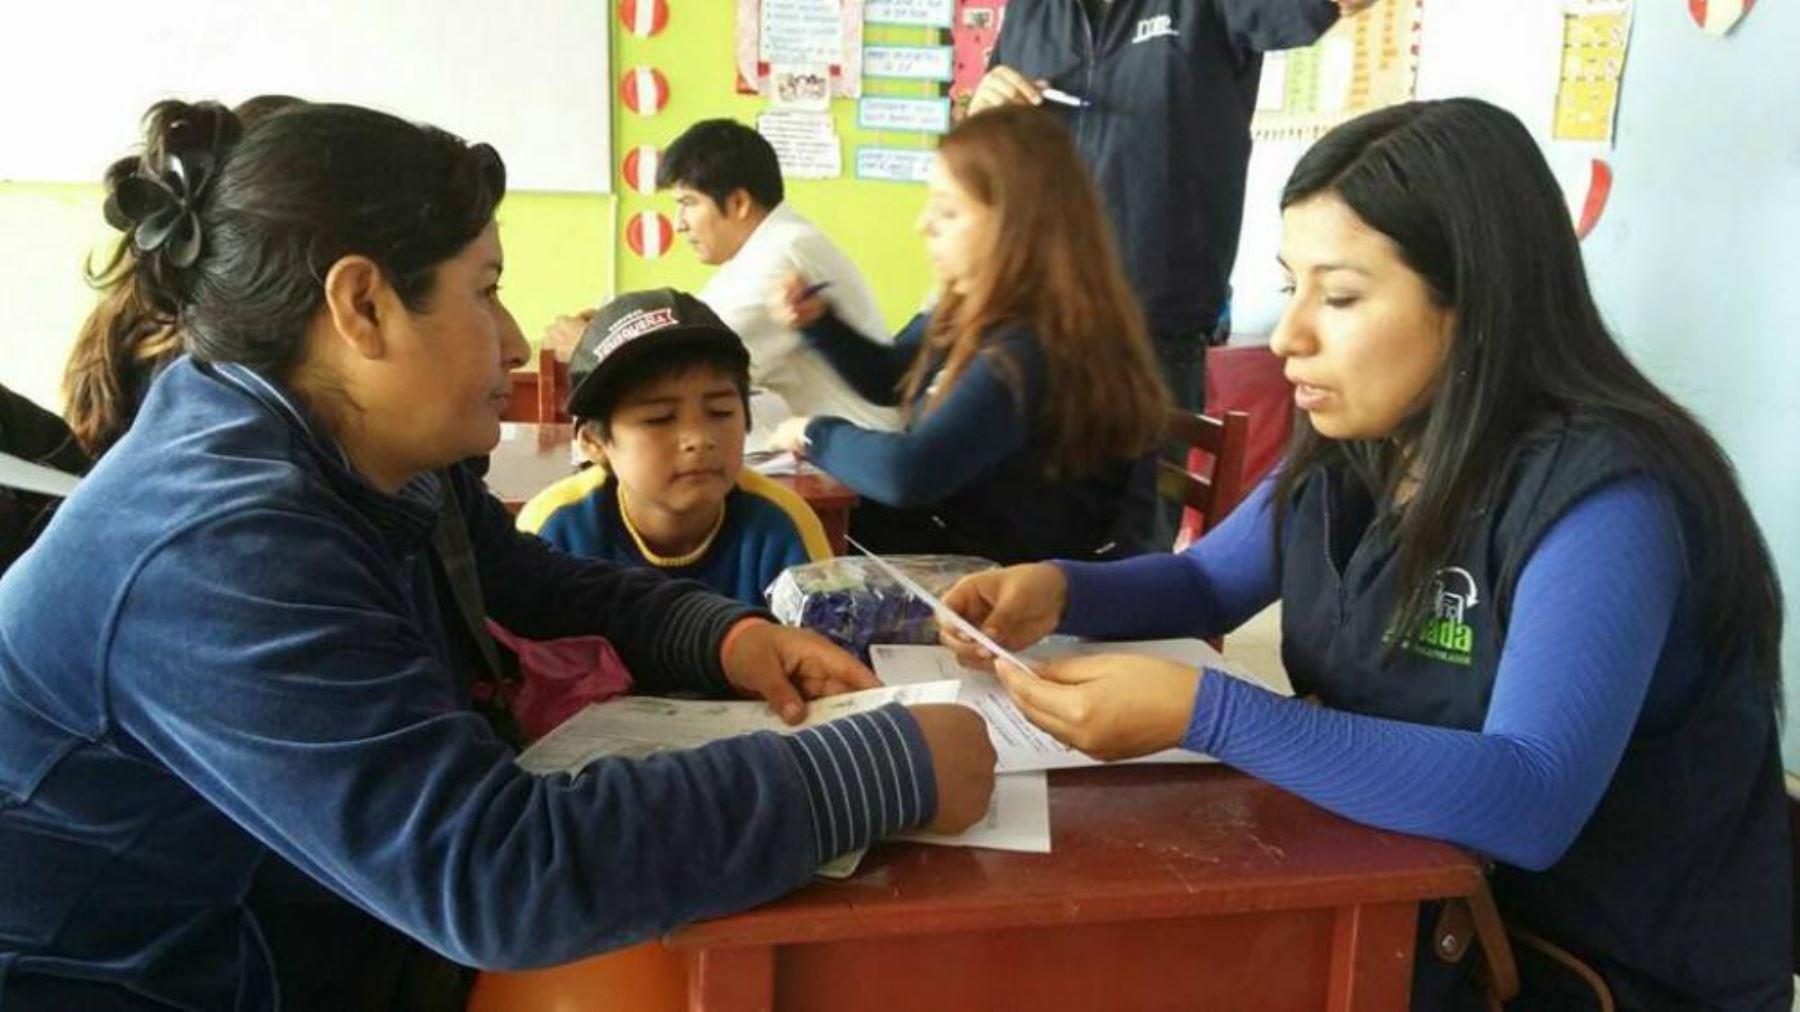 Fiscalía Lima Sur convoca a voluntarios para apoyar diligencias fiscales. Foto: Andina/Archivo